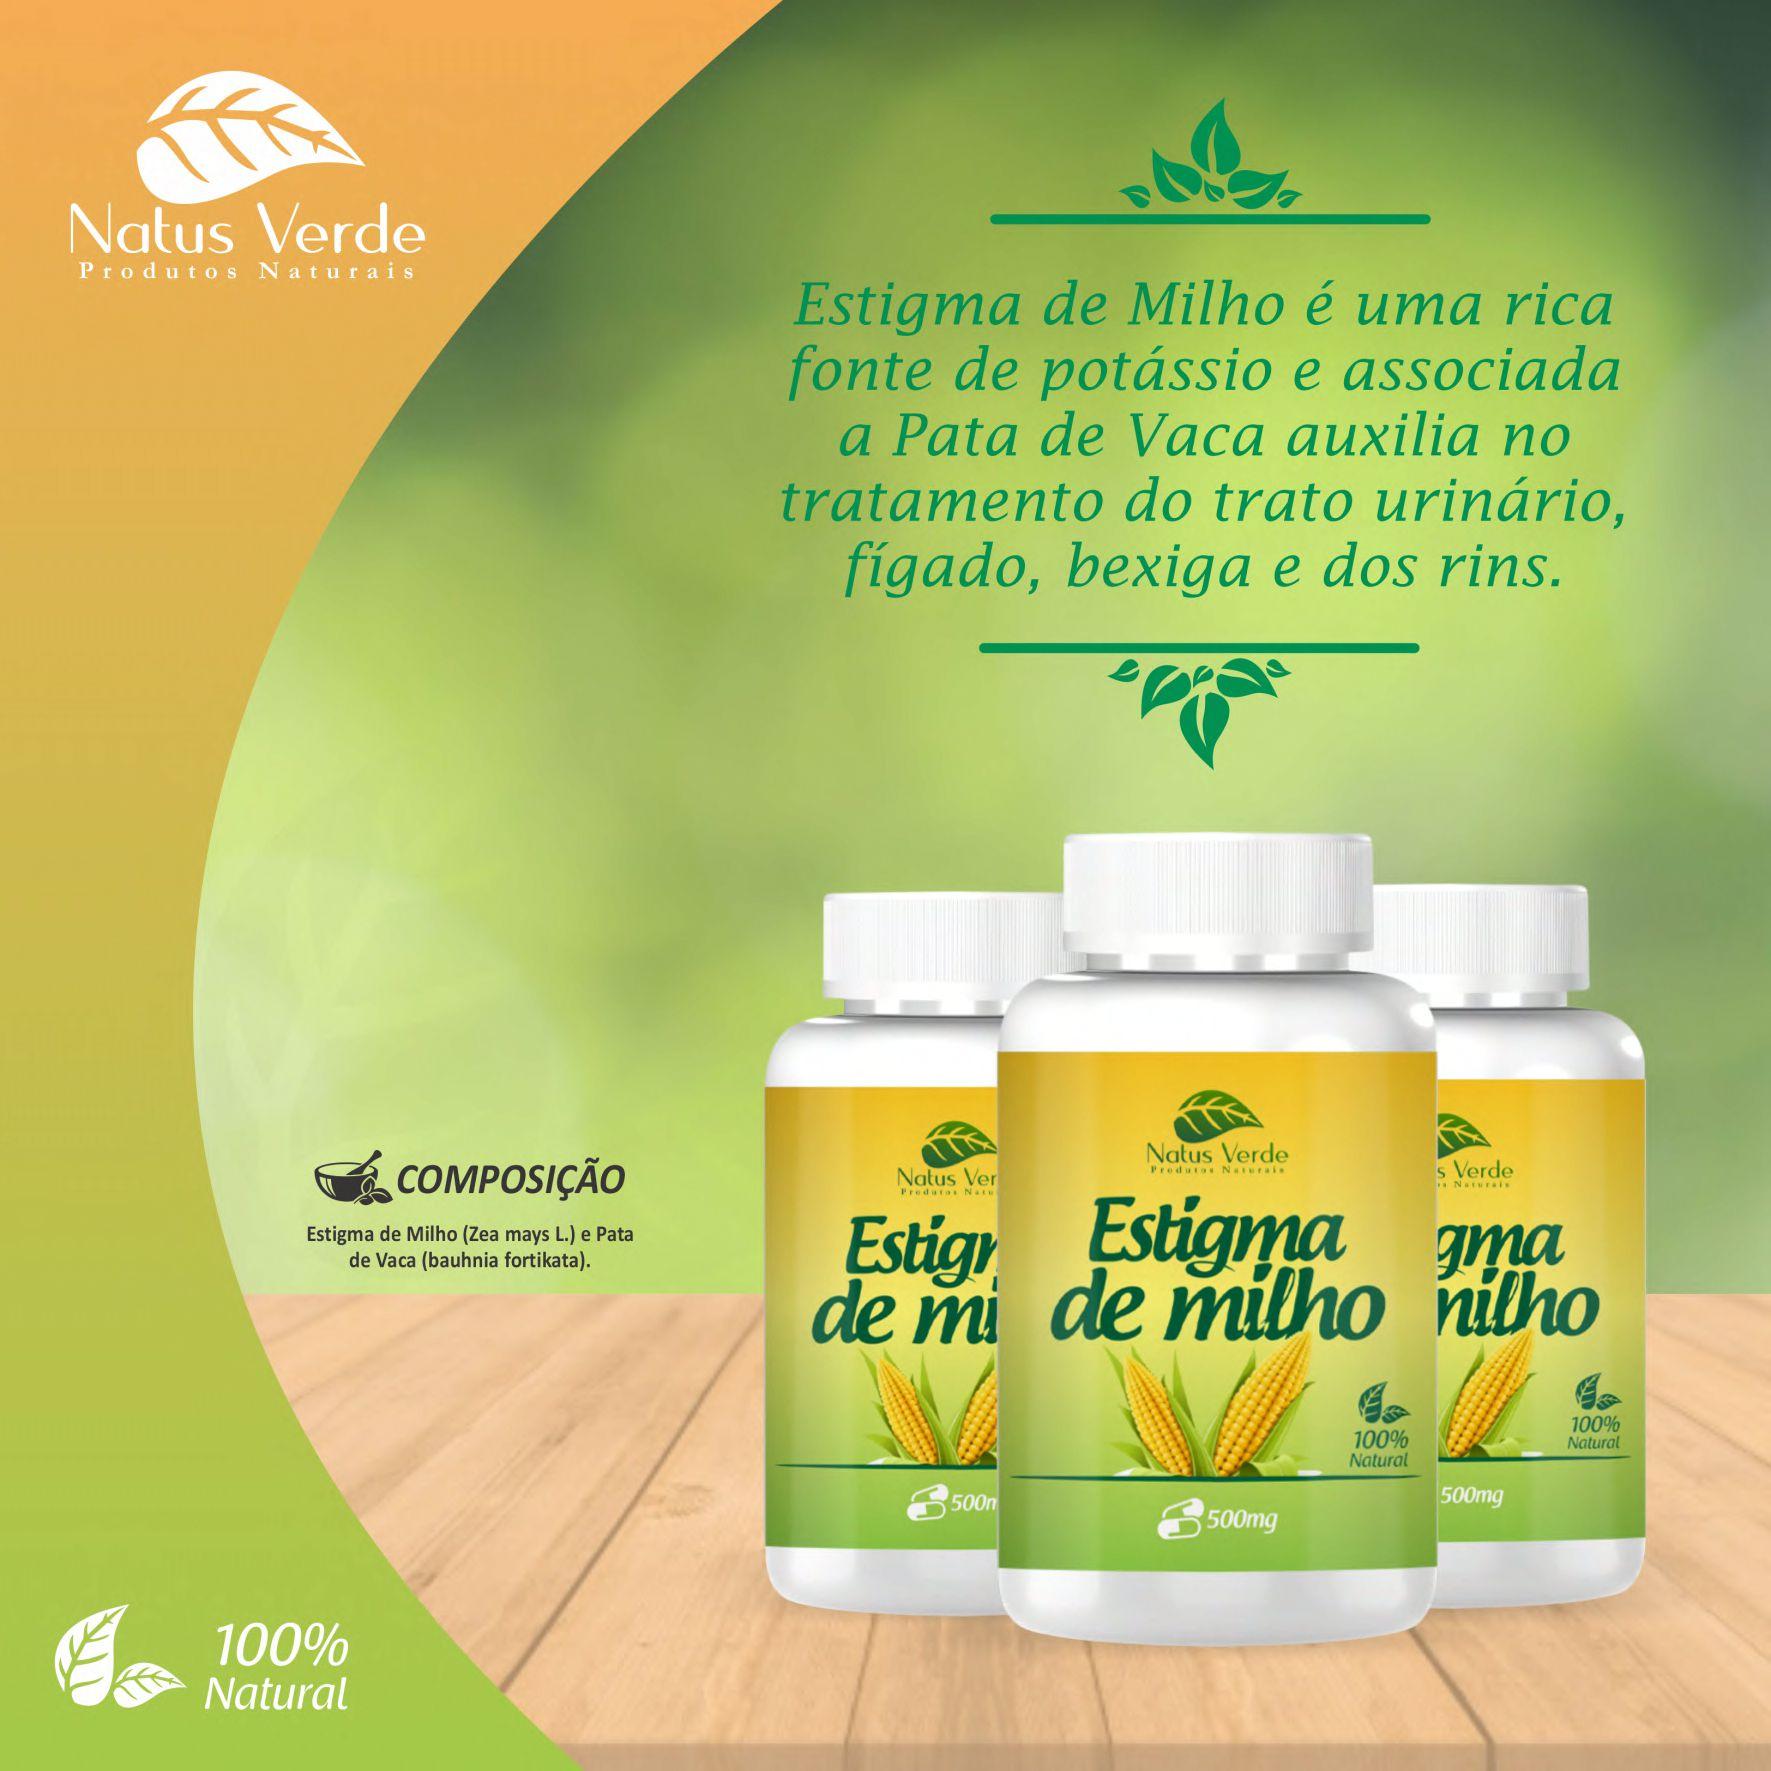 Produto Natural Estigma de milho 60 CAPS Natus Verde  - Fribasex - Fabricasex.com